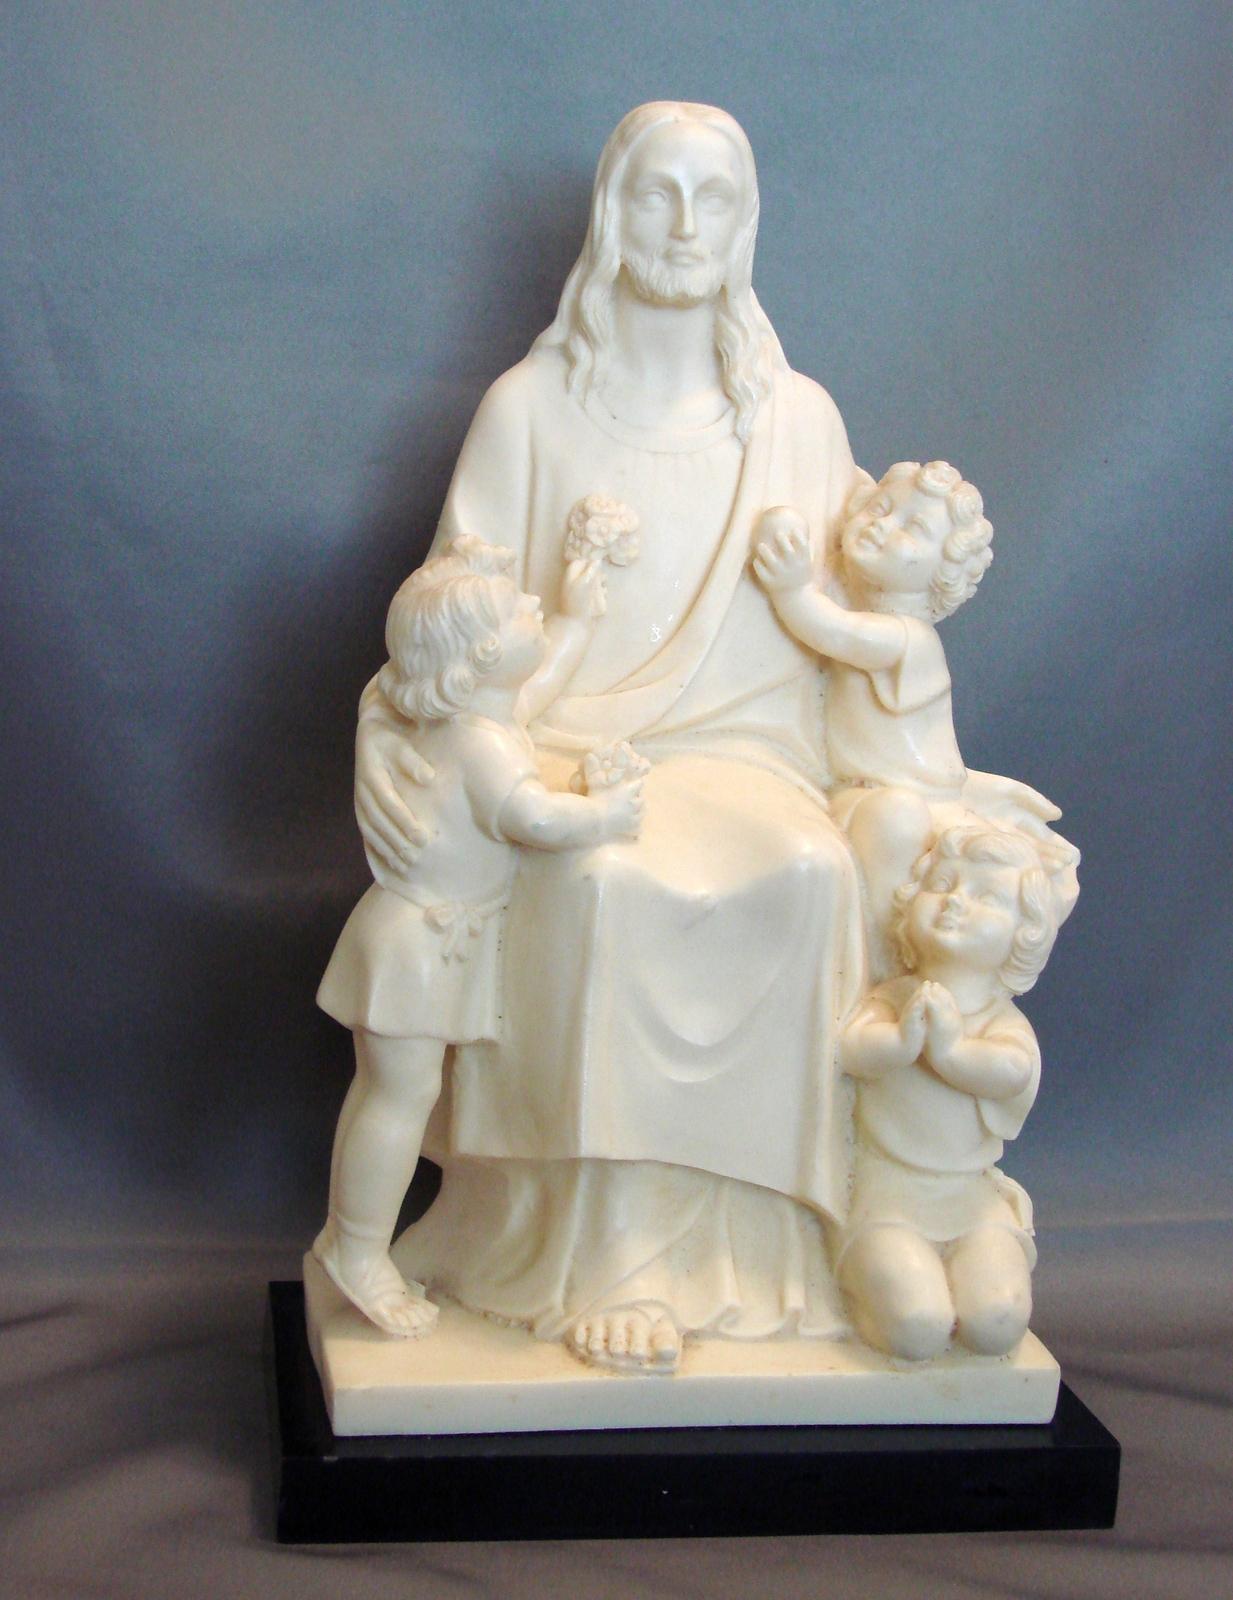 G Ruggeri Vintage Carving 3 Children Alabaster On Black Base